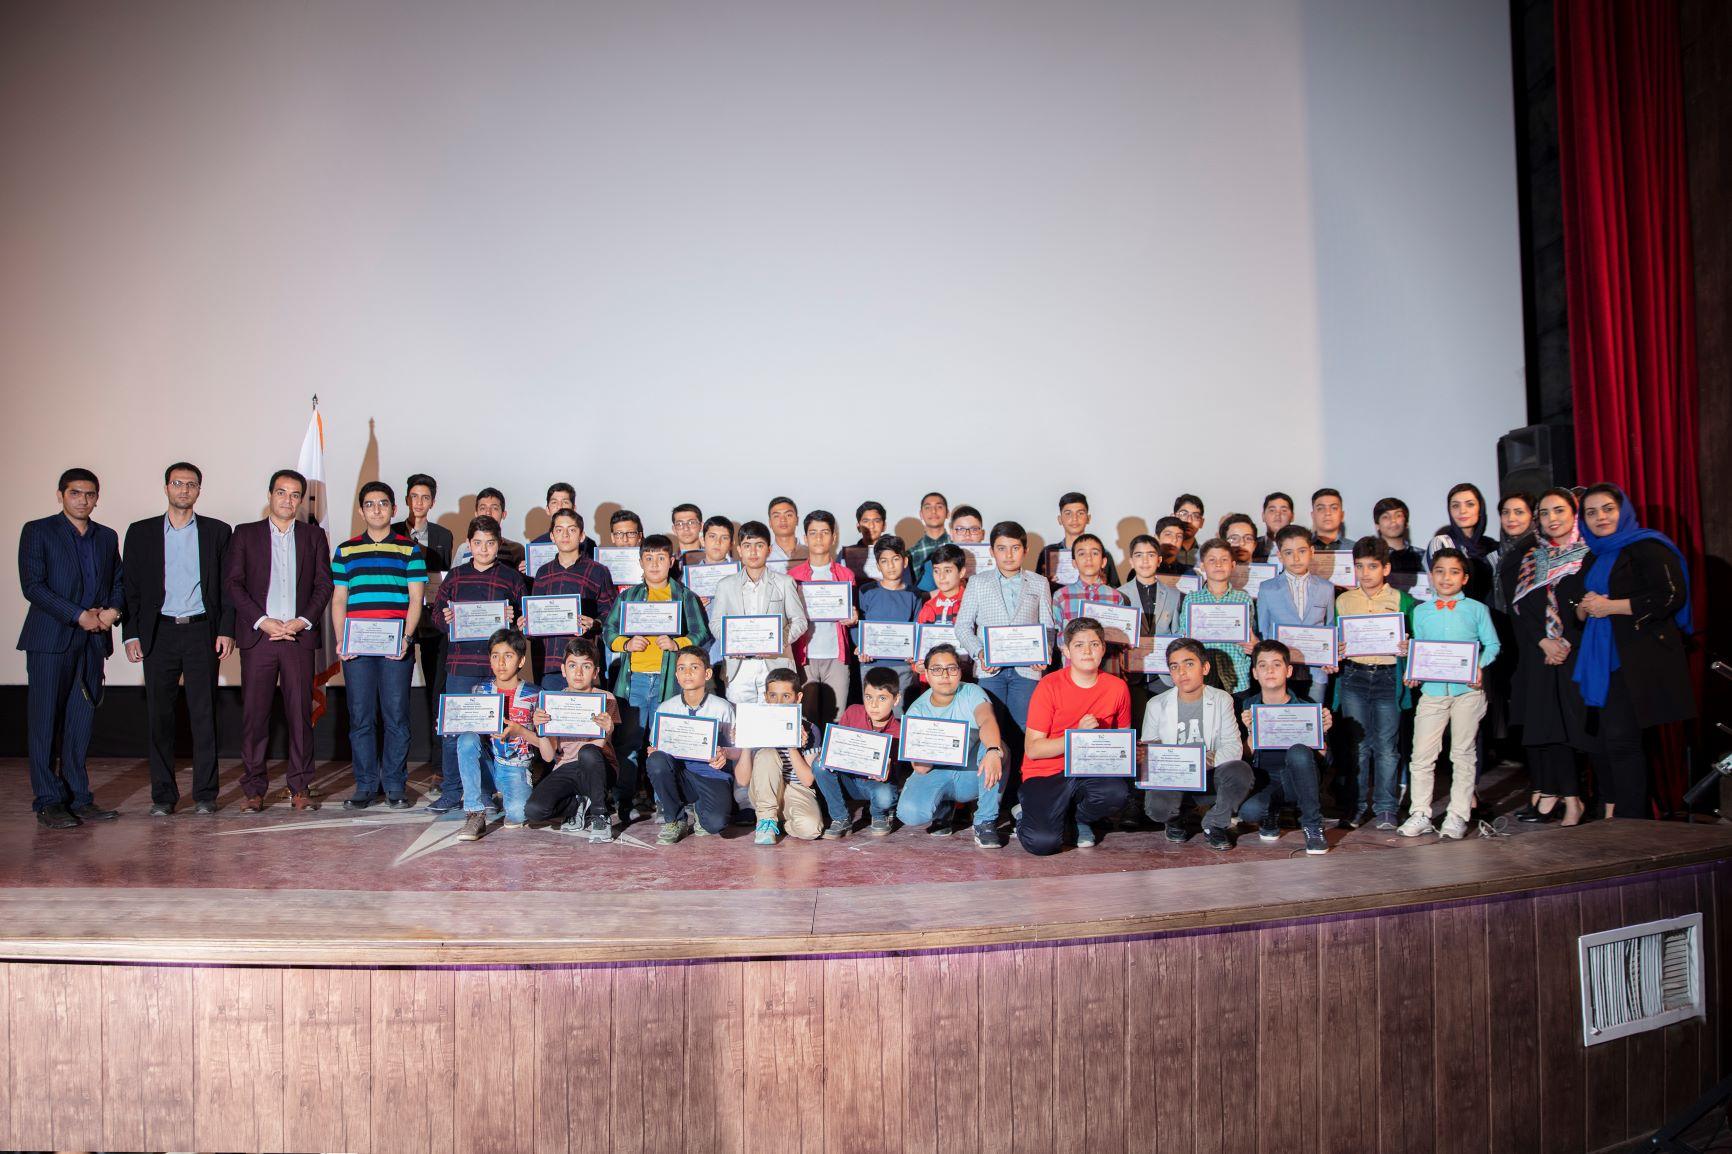 موسسه فرهنگی آموزشی تابش دانش گالری 4